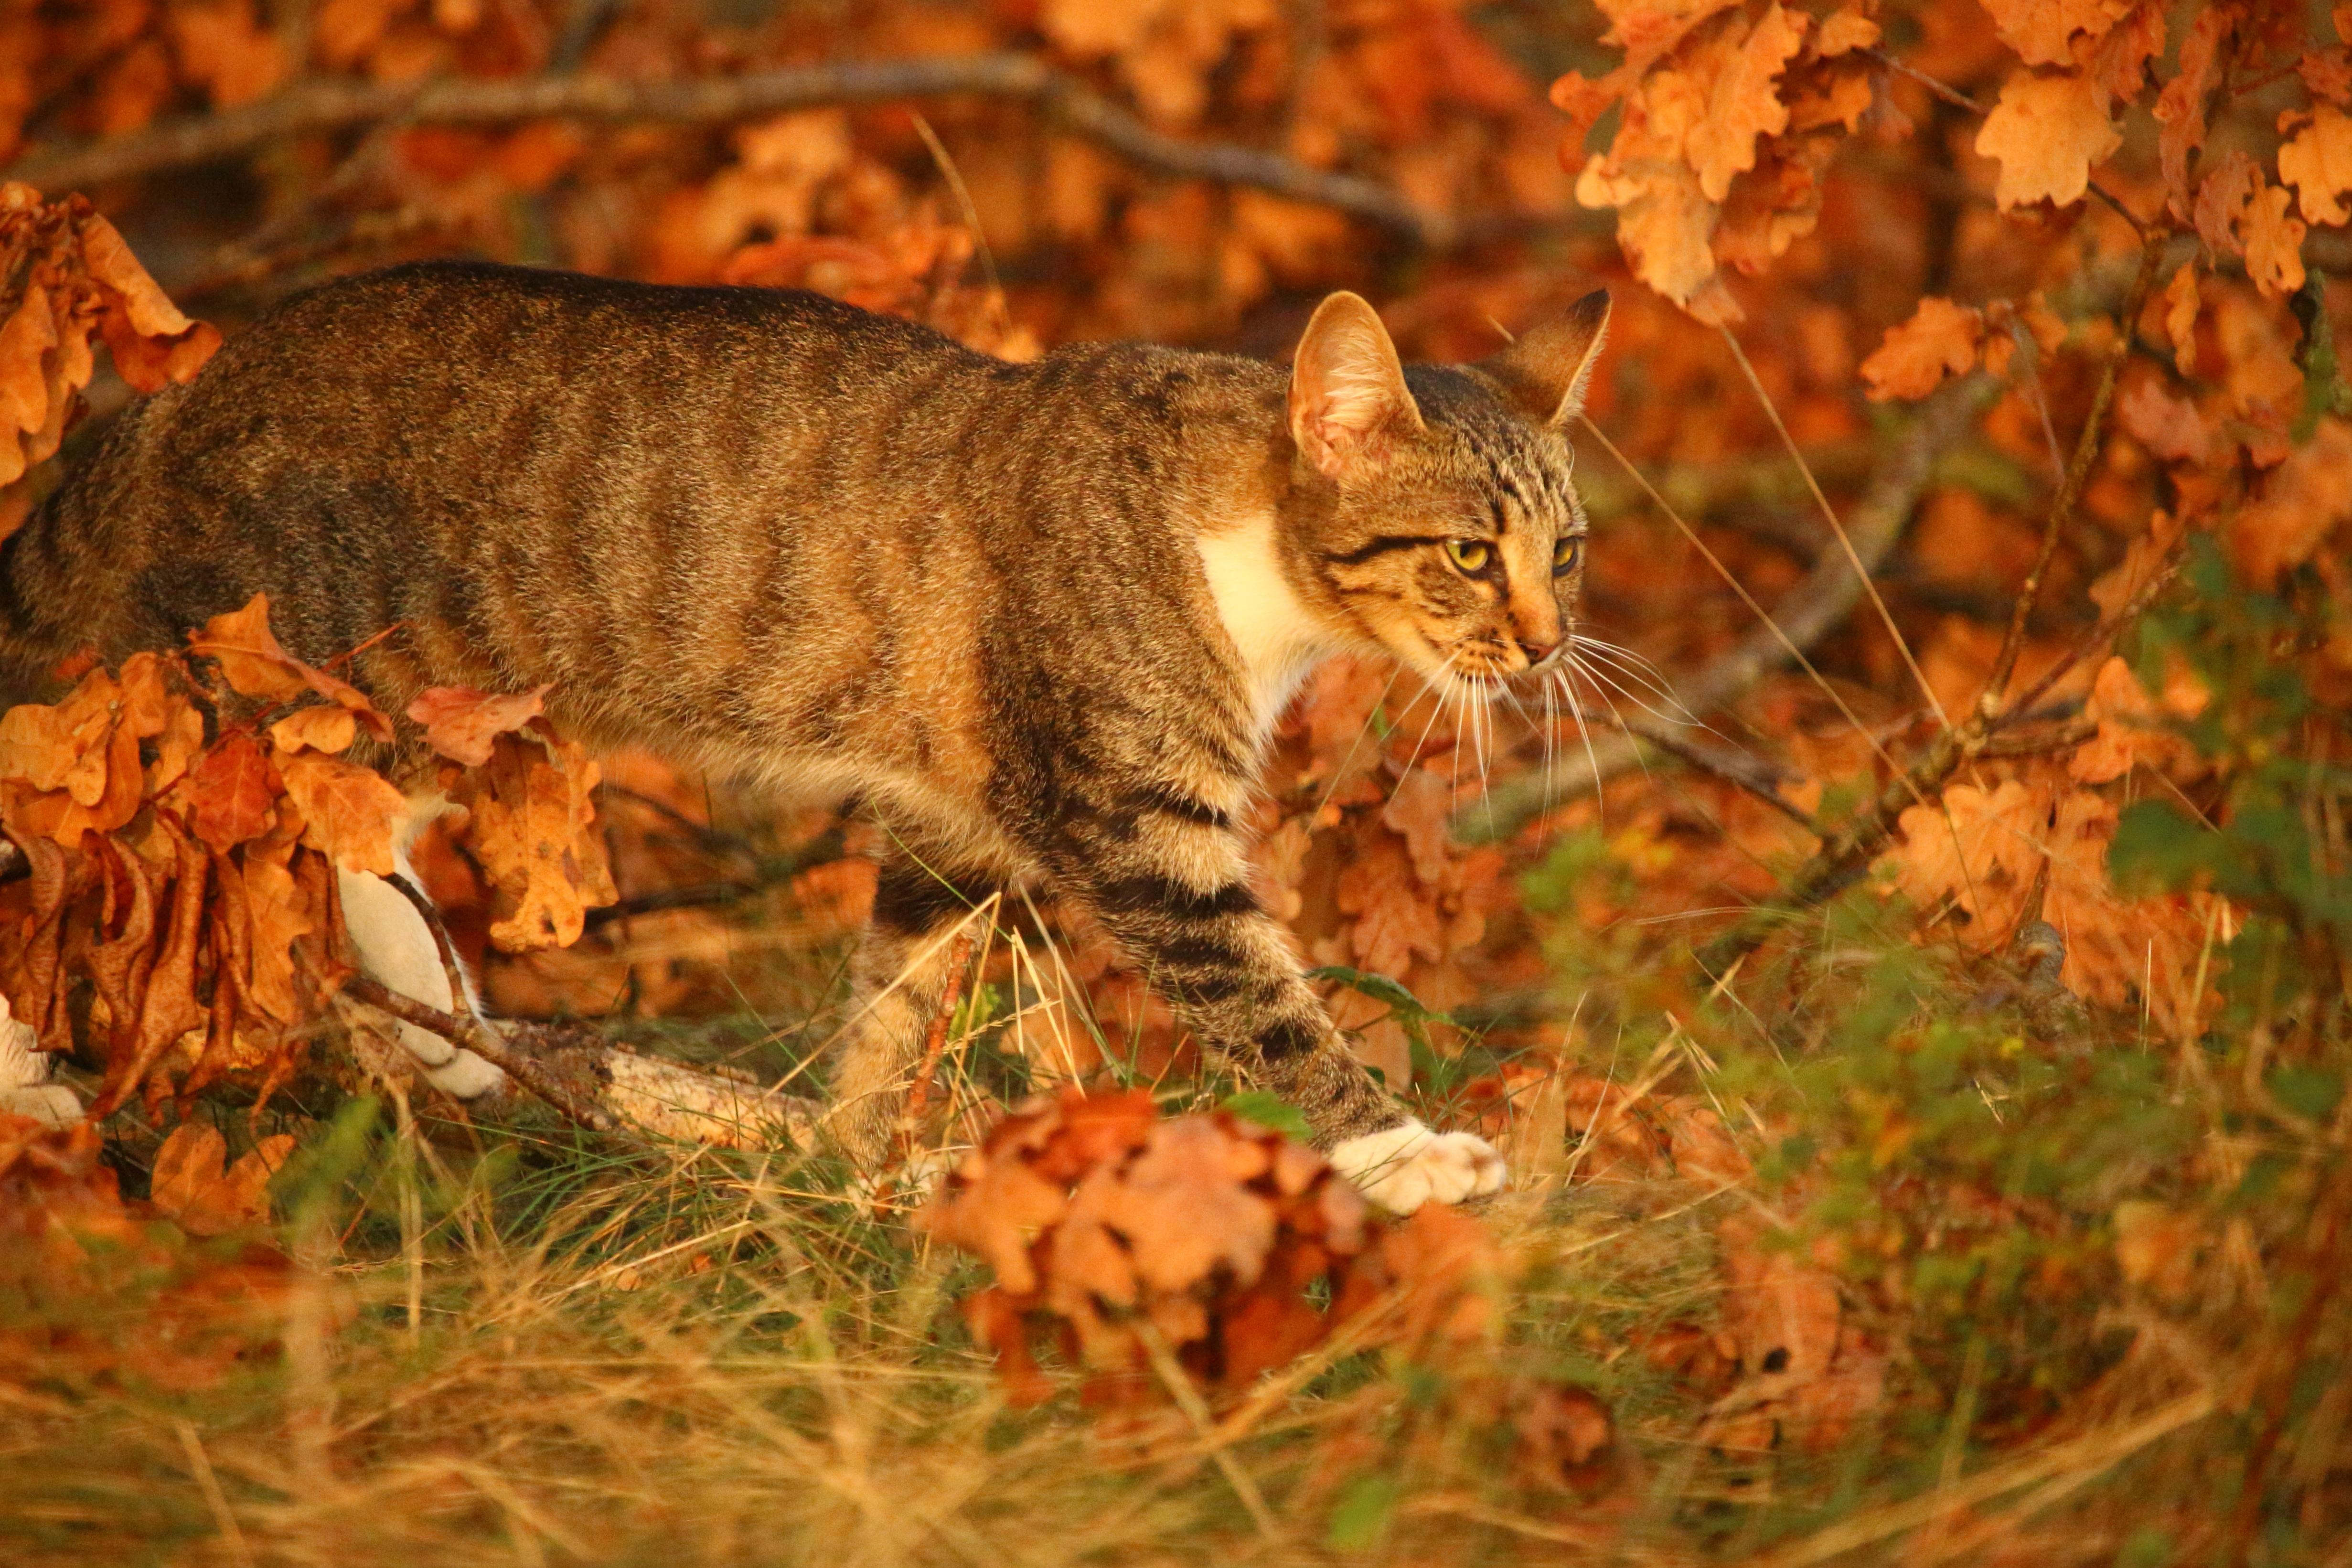 Fabulous Gratis afbeelding: kat, natuur, cute, dieren, portret, herfst #AQ99